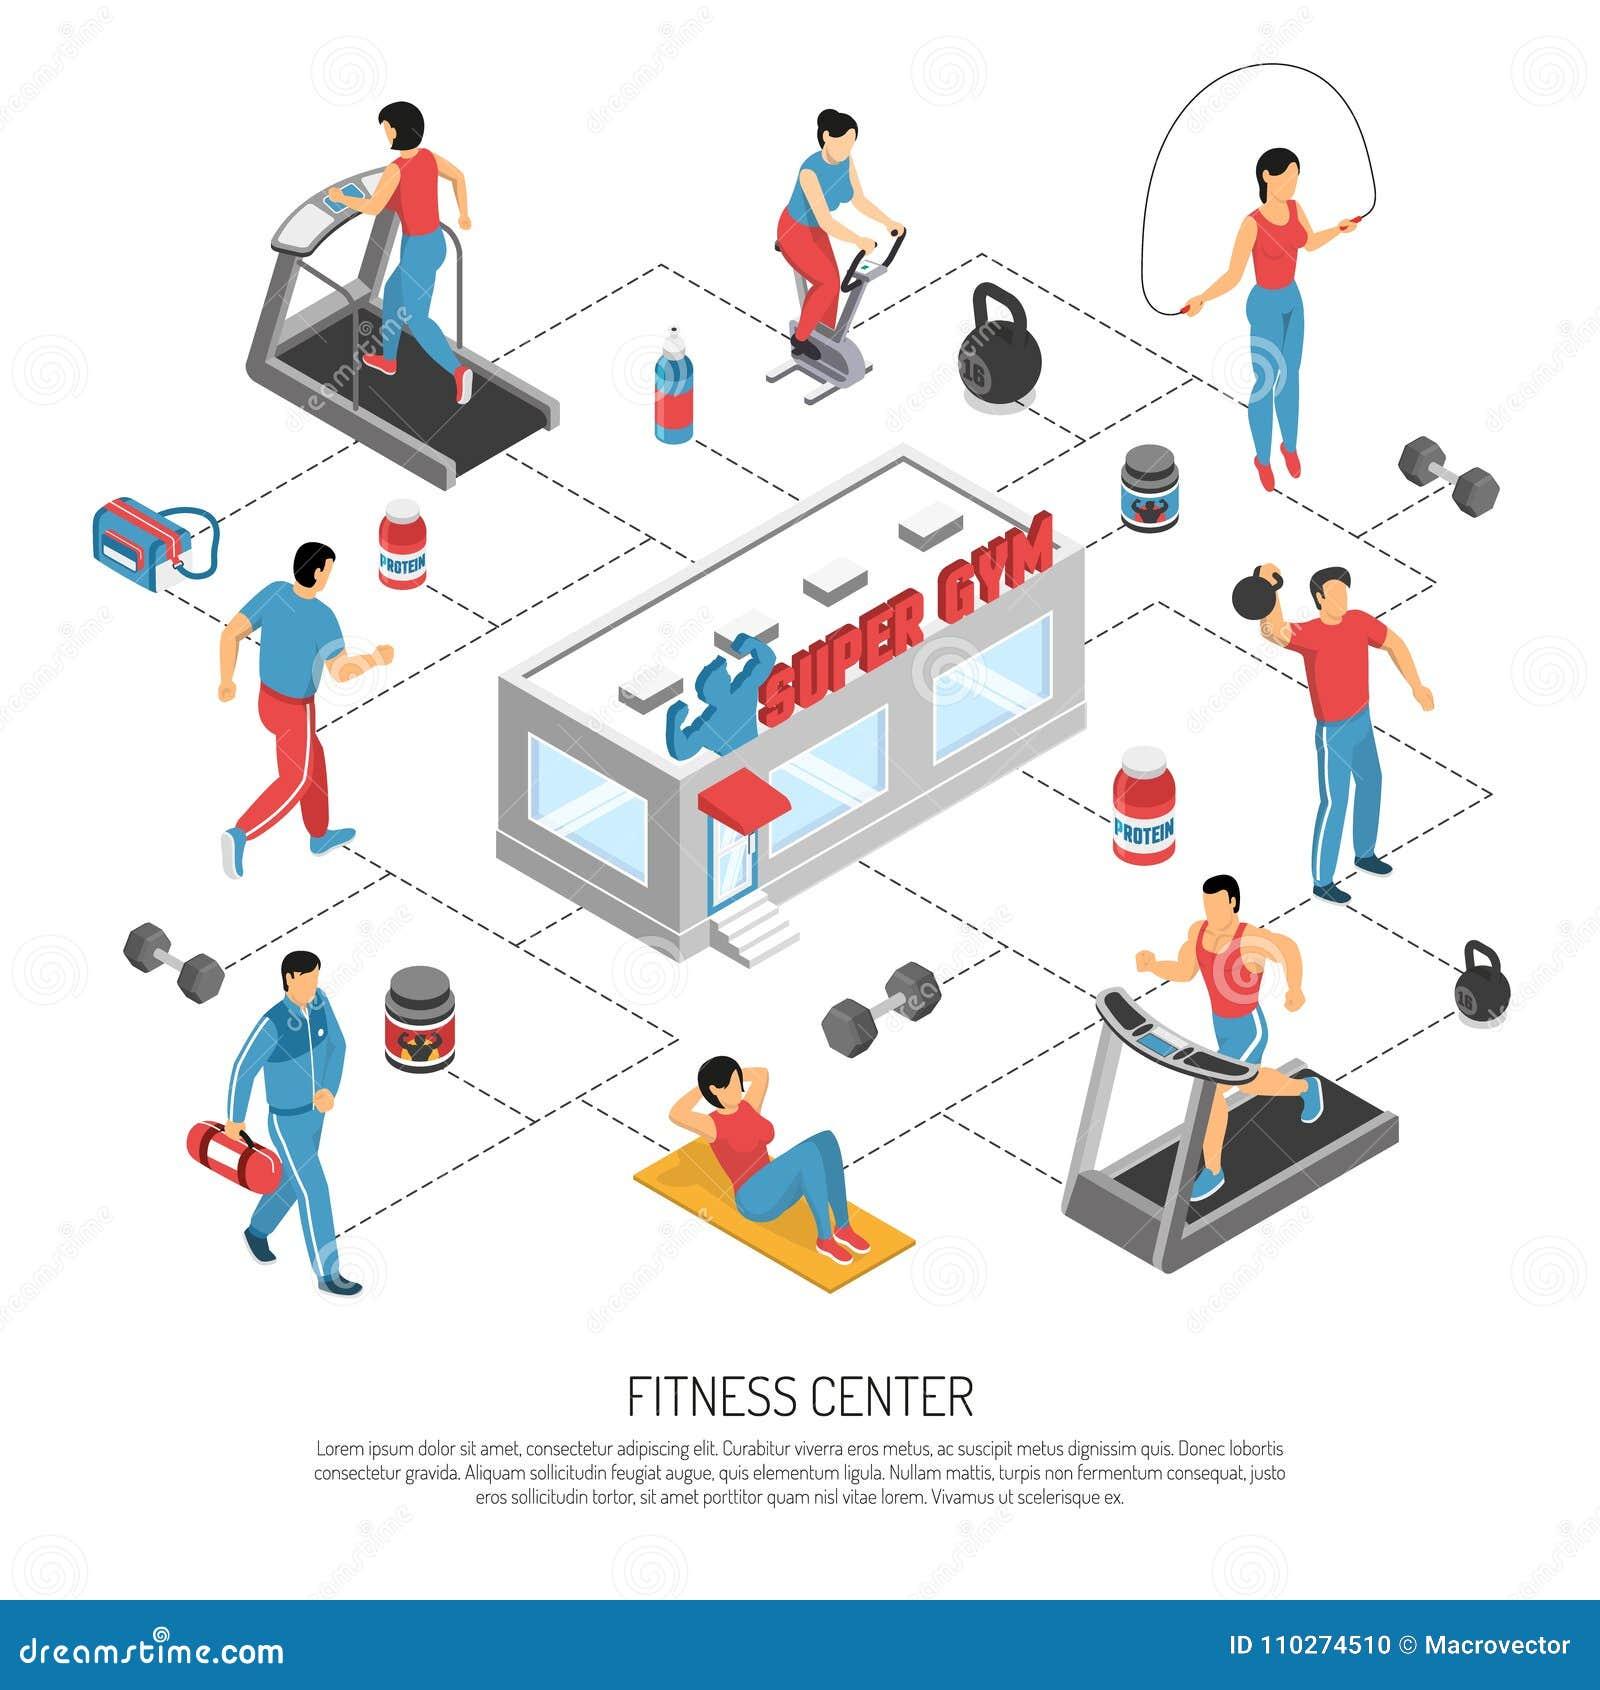 Fitness Center Isometric Flowchart Poster